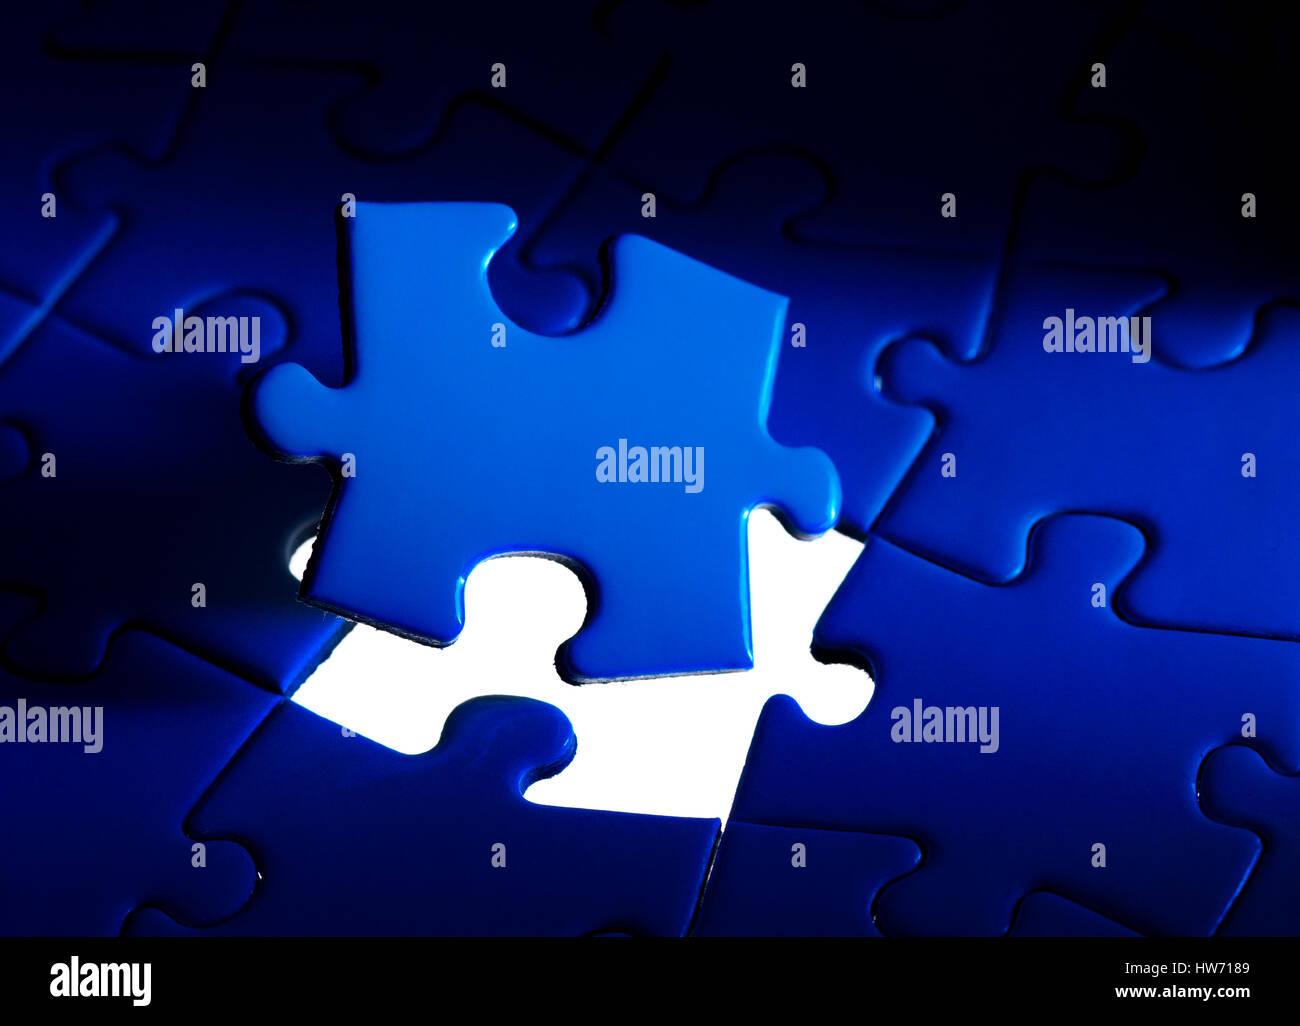 Jigsaw trozos con un fondo blanco. Foto de stock